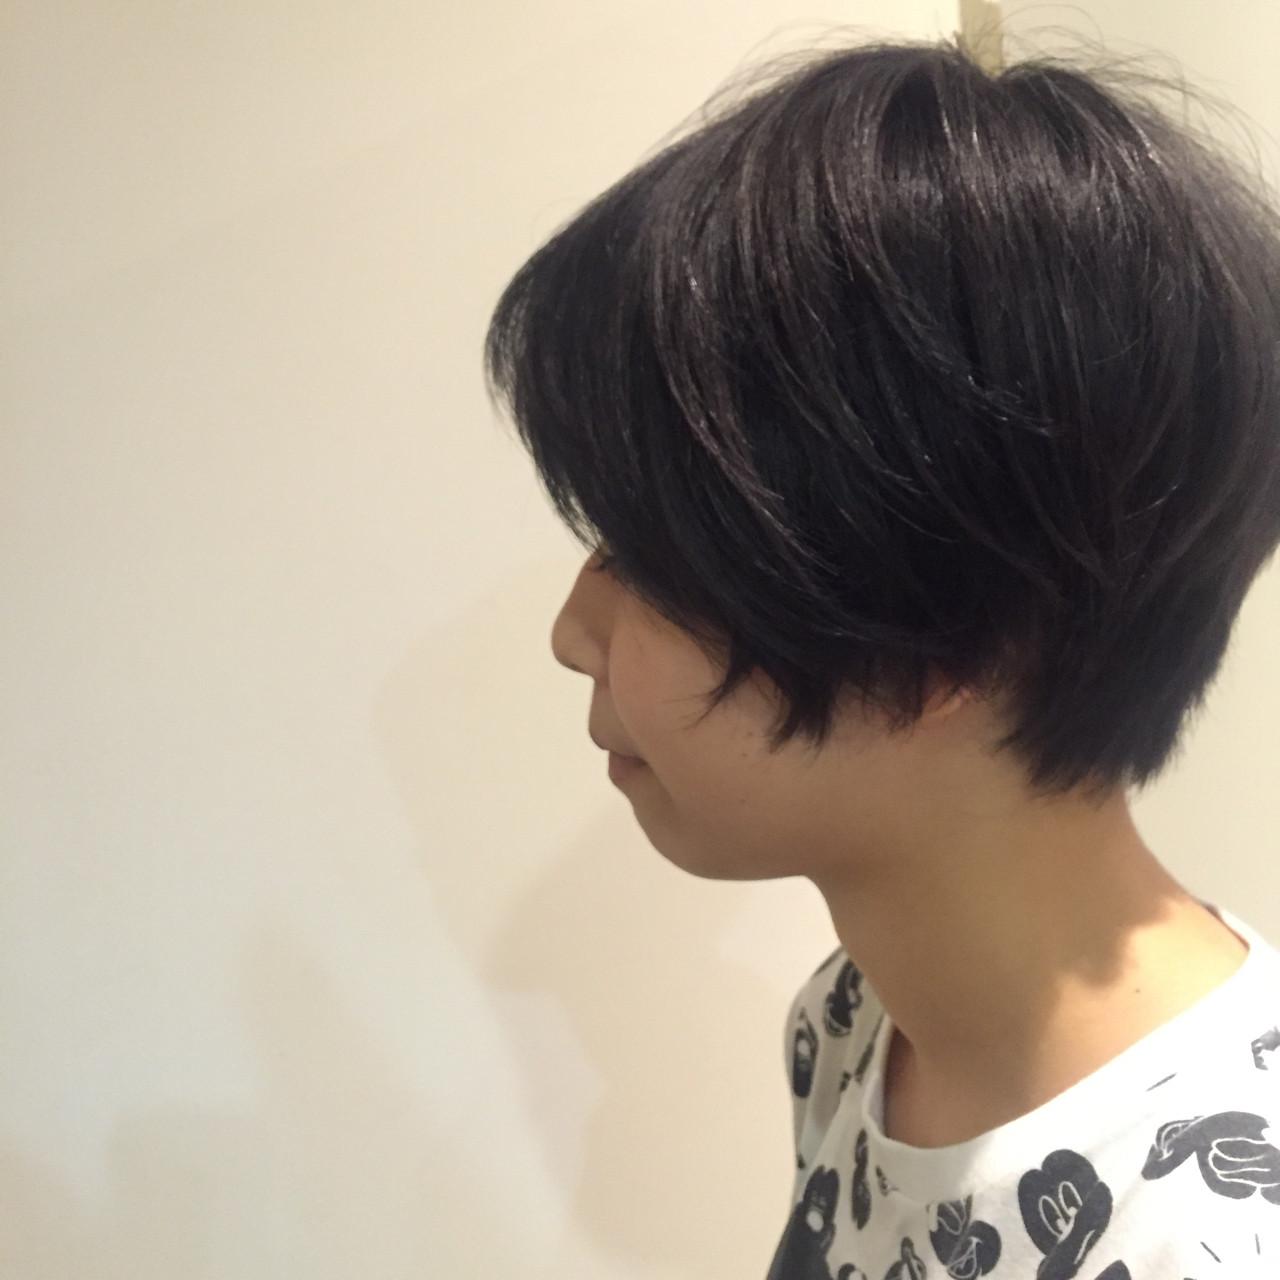 マッシュ ショート ナチュラル 黒髪 ヘアスタイルや髪型の写真・画像